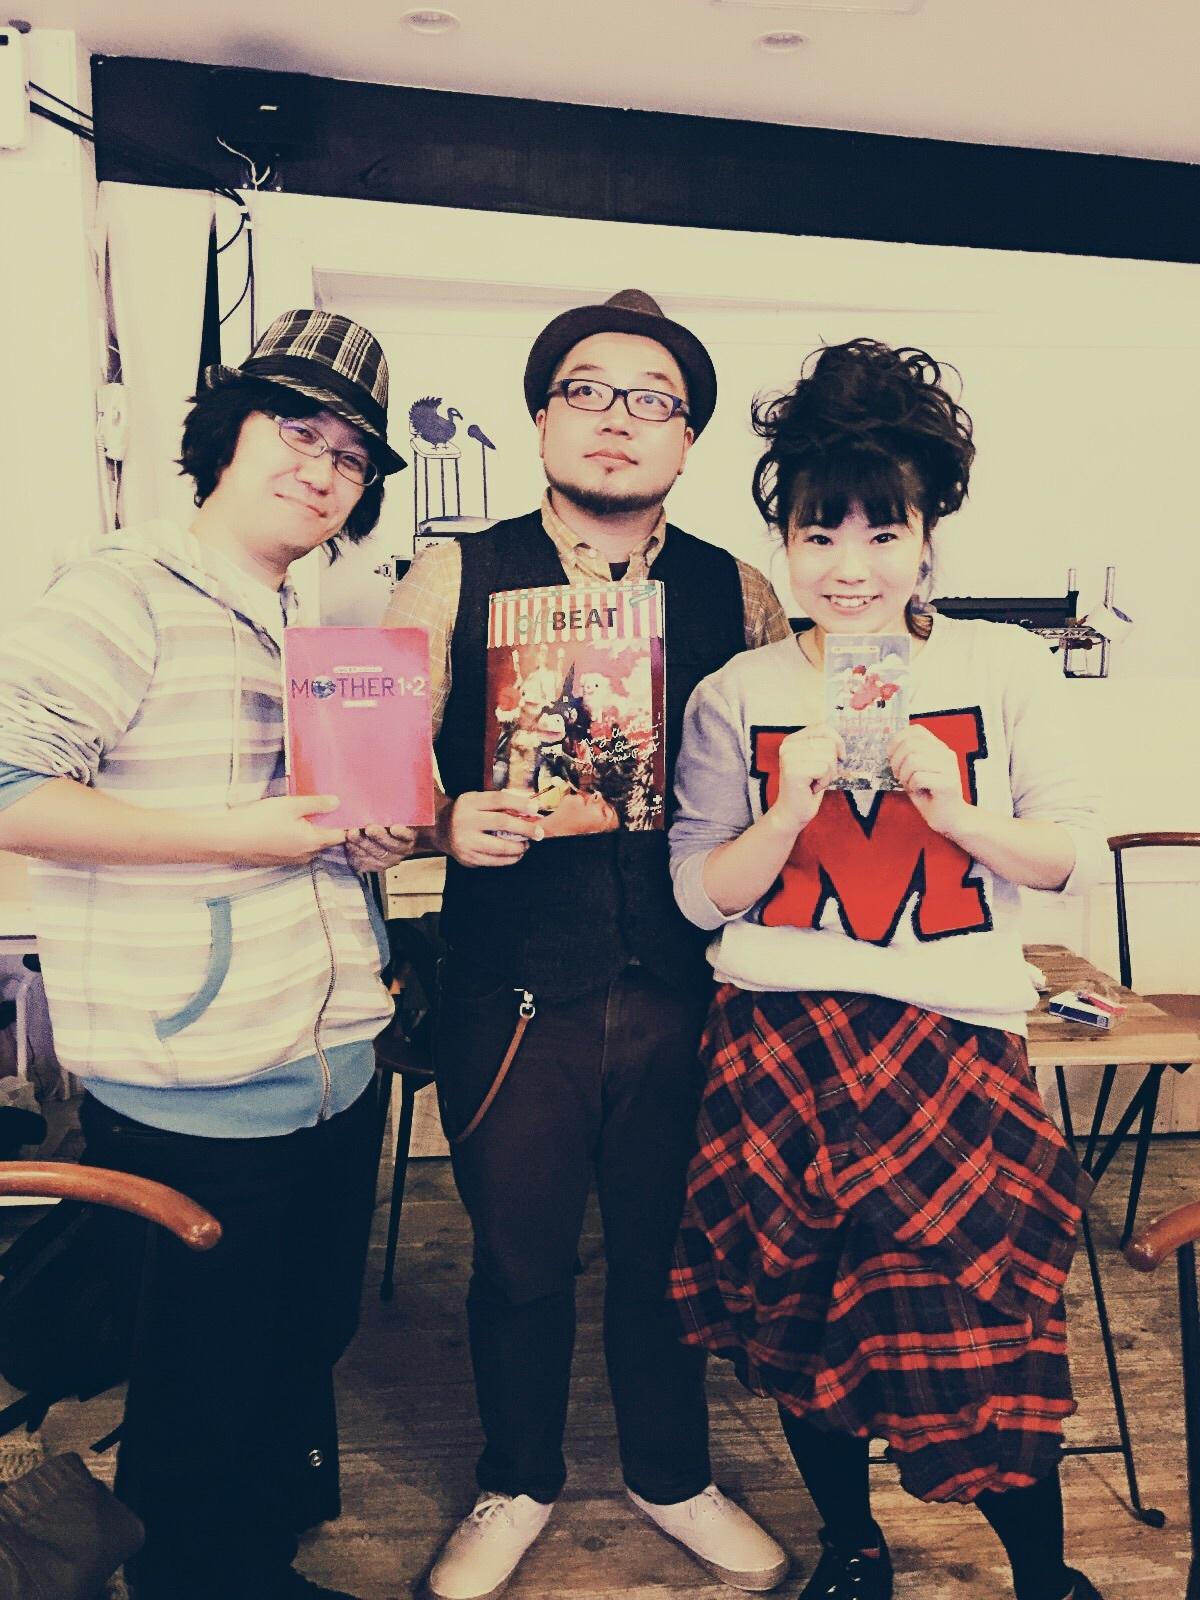 【キナちゃんねるLIVE vol.18】guest:井上大地(vo.guitar)_f0115311_04423394.jpg